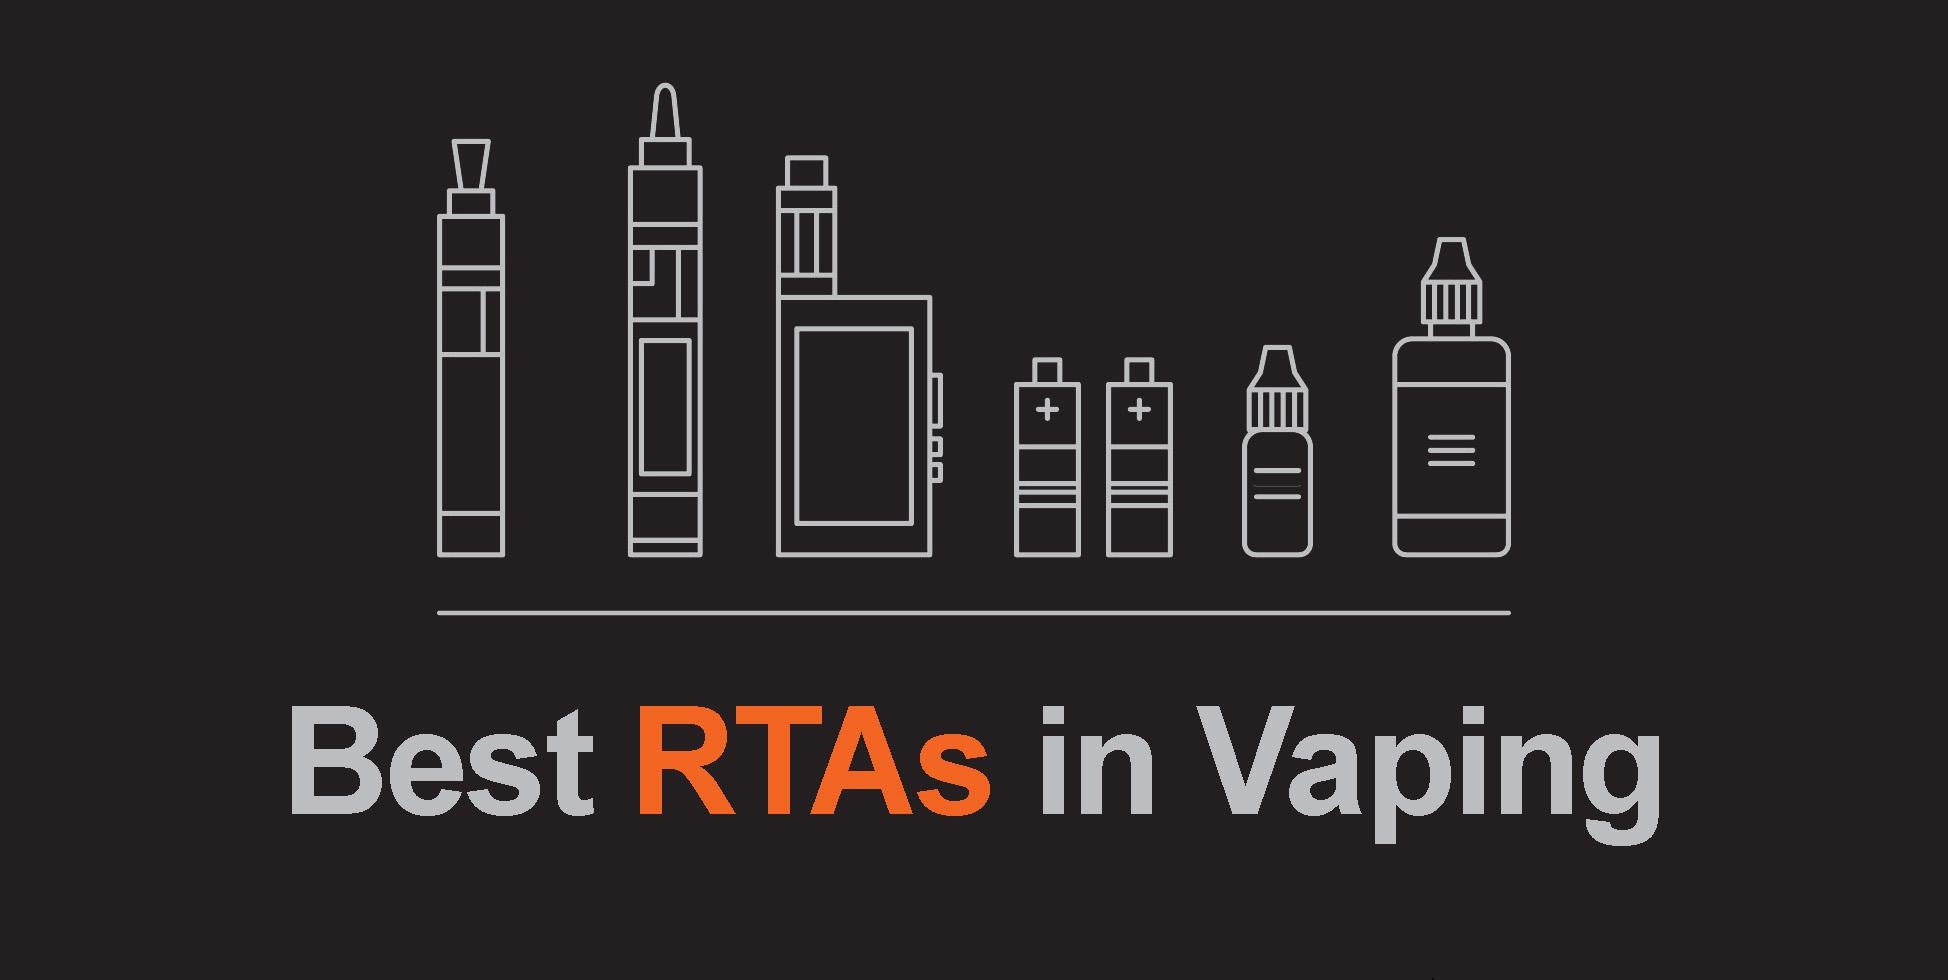 best RTAS in vaping